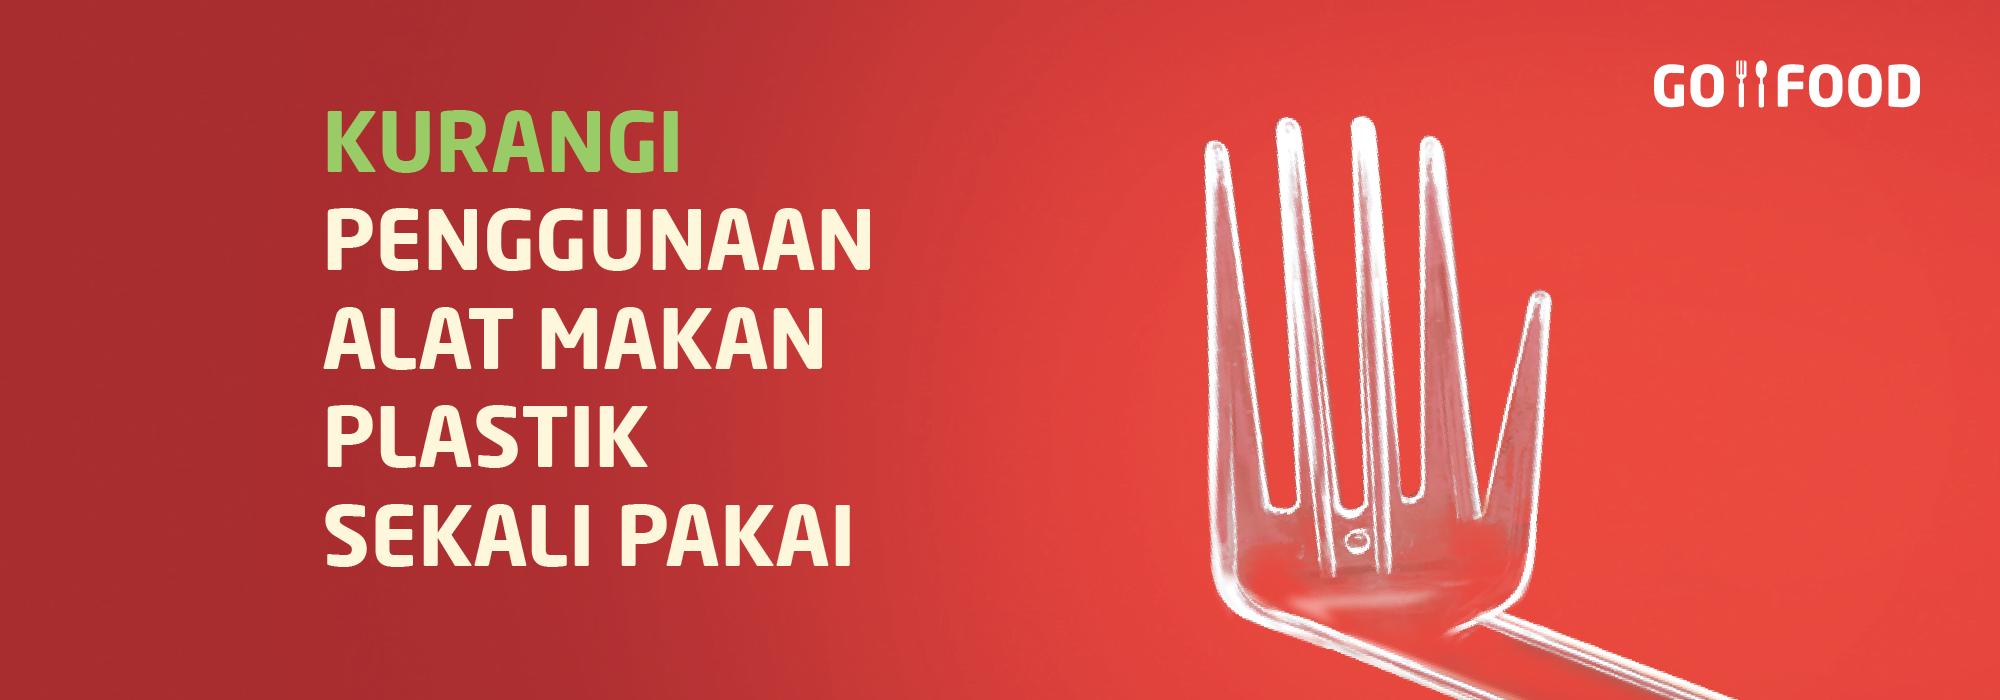 Yakin Butuh Alat Makan Plastiknya?